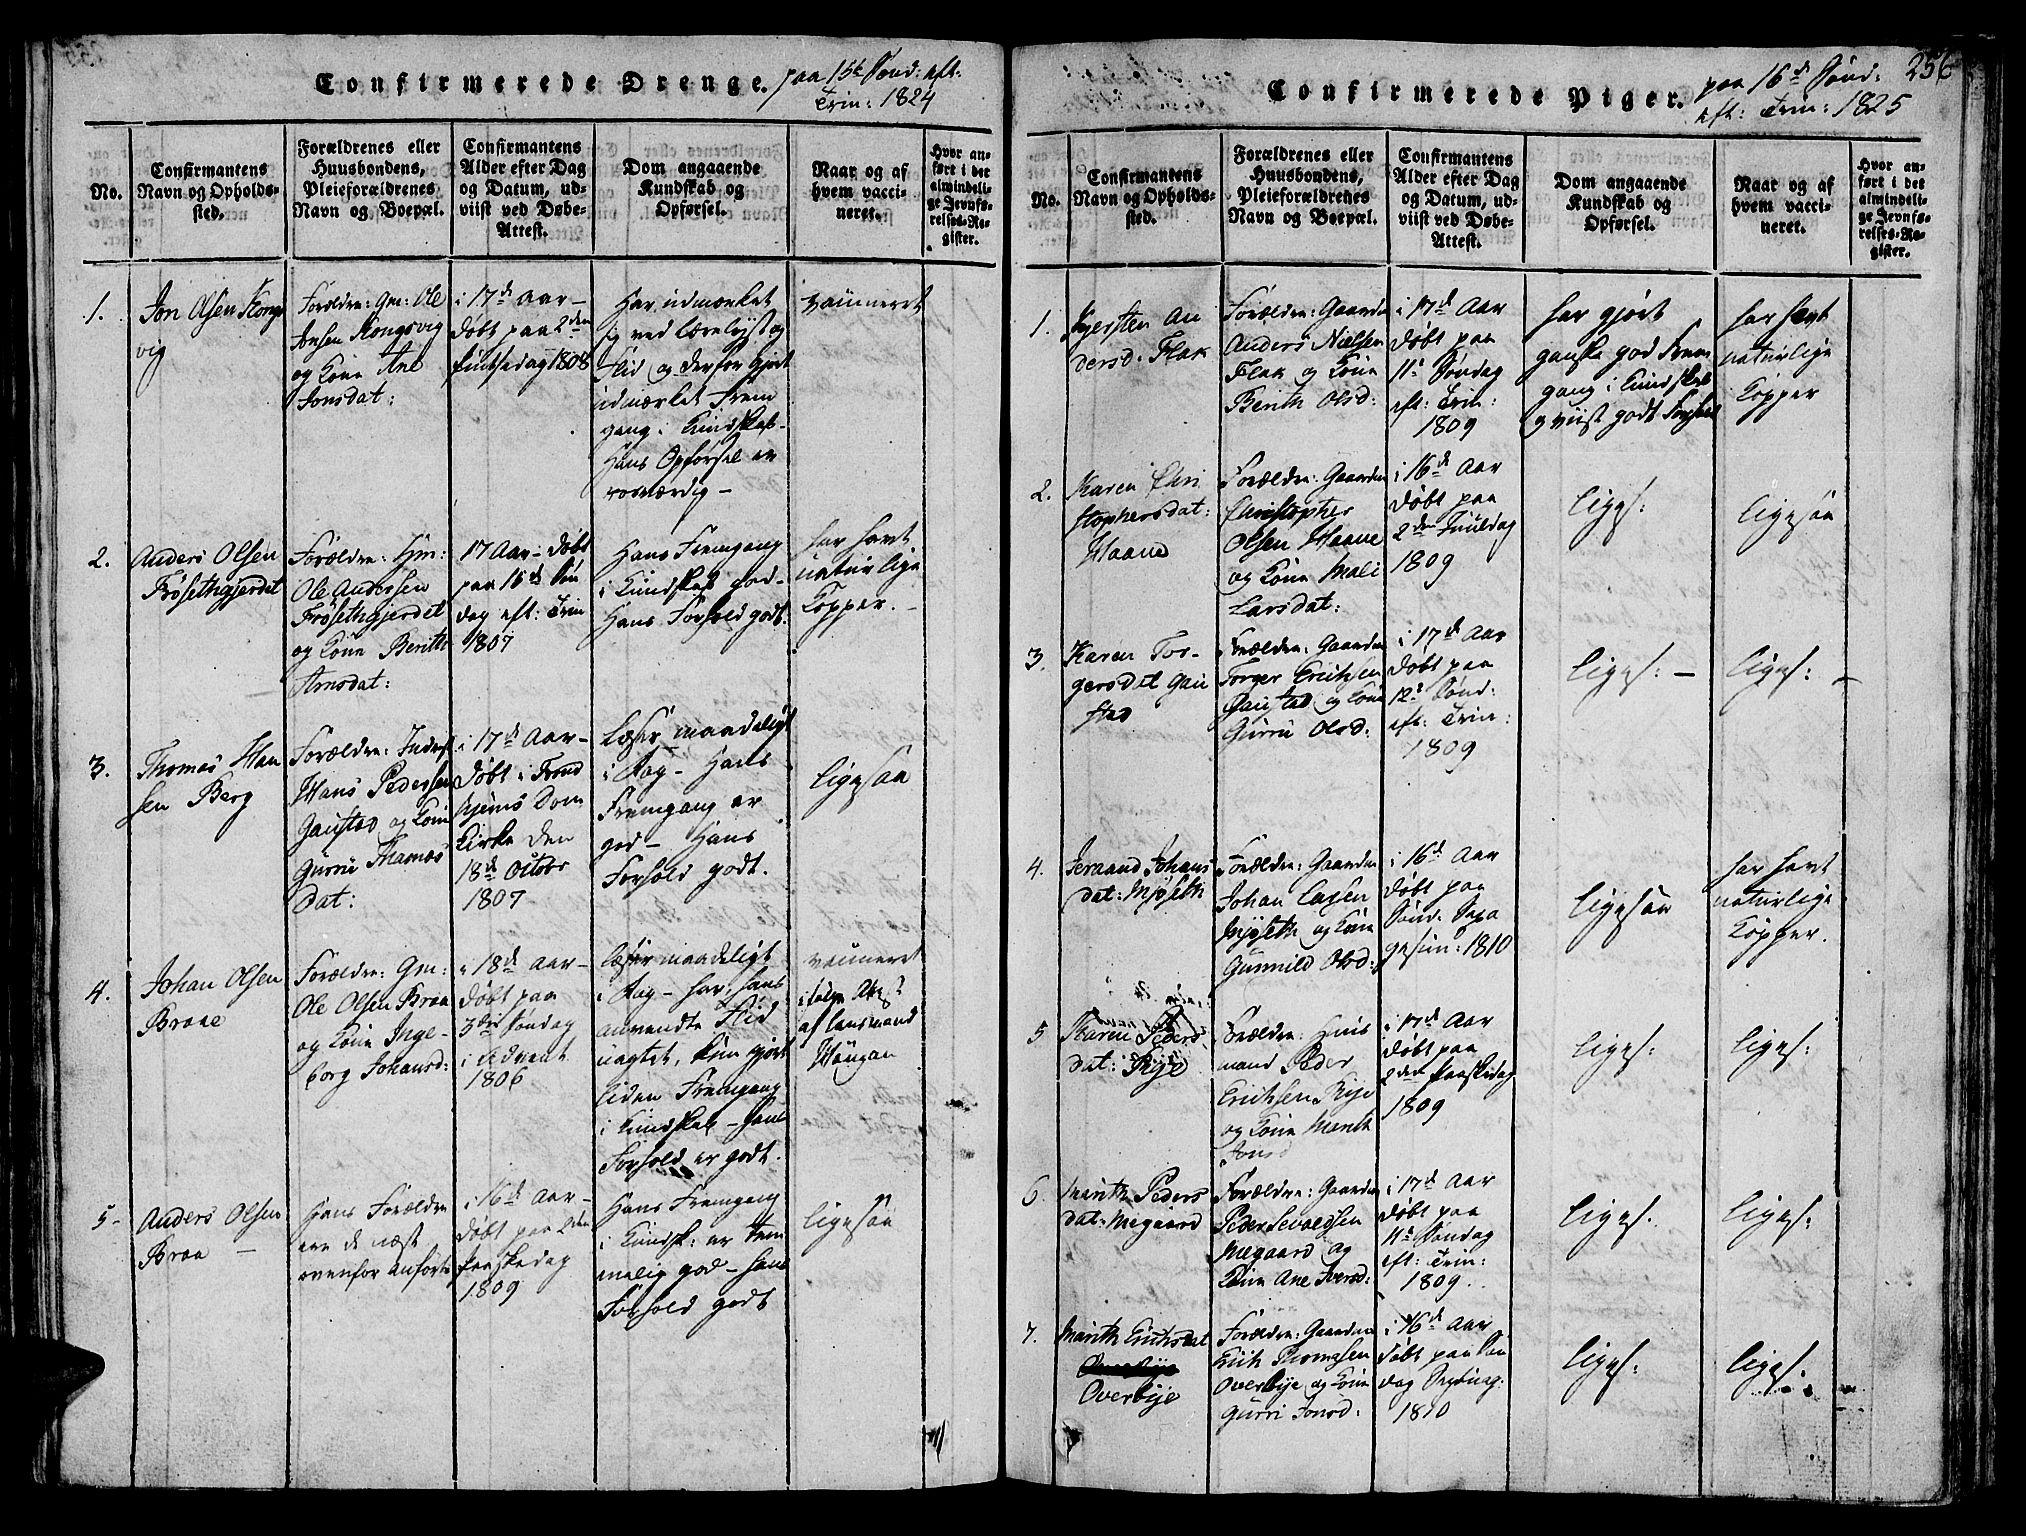 SAT, Ministerialprotokoller, klokkerbøker og fødselsregistre - Sør-Trøndelag, 612/L0372: Ministerialbok nr. 612A06 /1, 1816-1828, s. 256